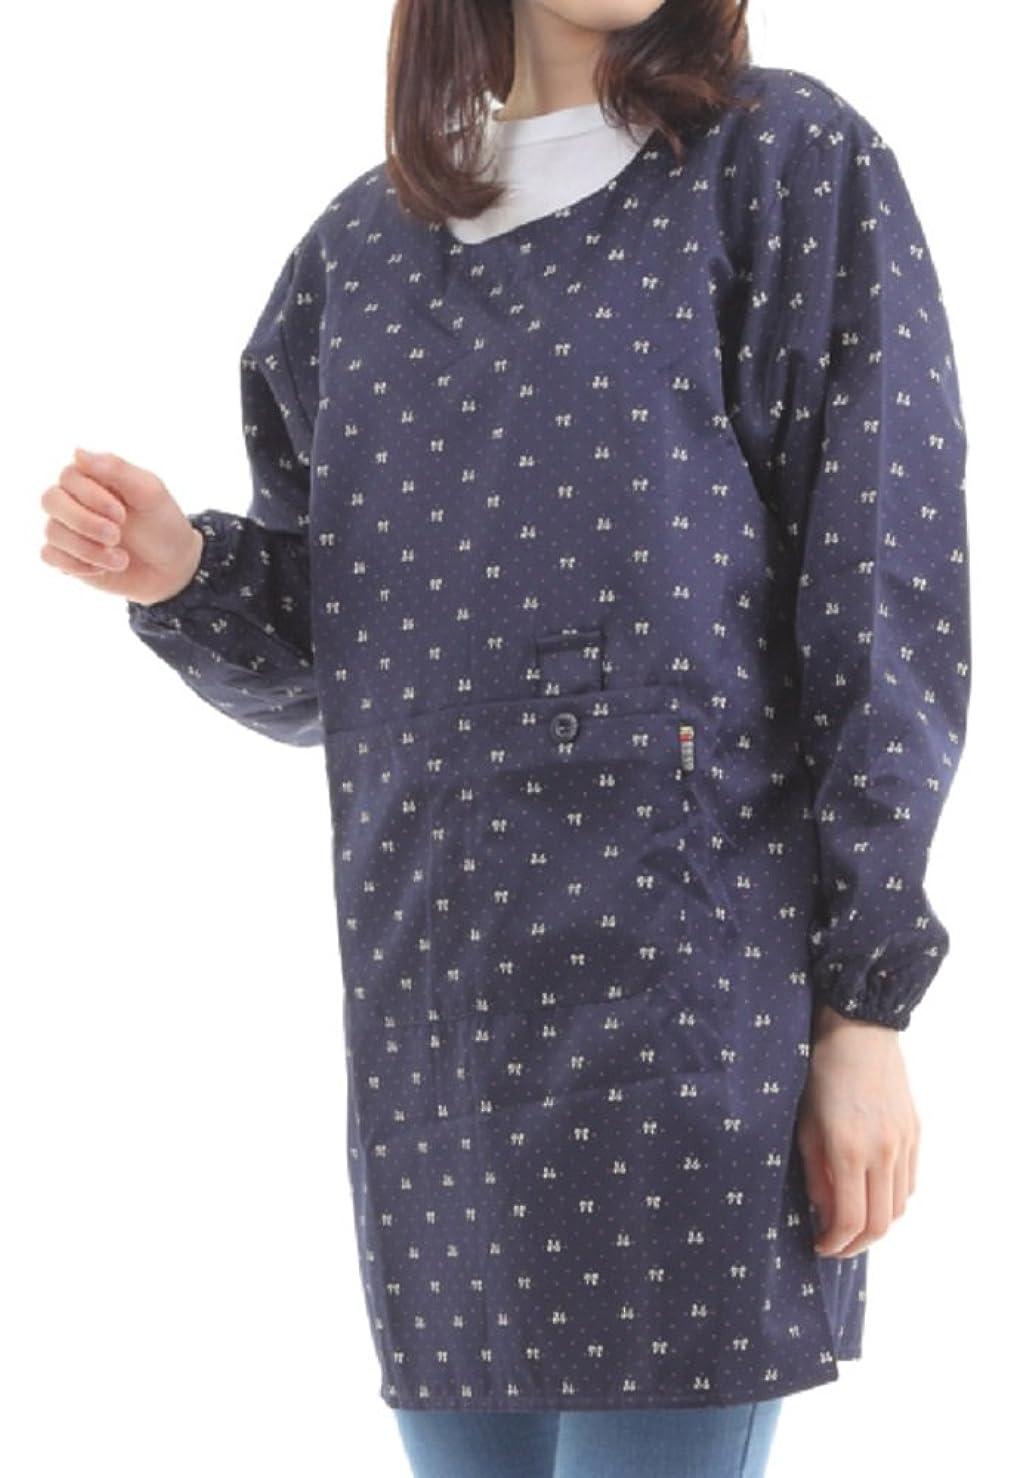 Hachigo (ハチゴウ) ボタン付 割烹着 男女兼用 長袖